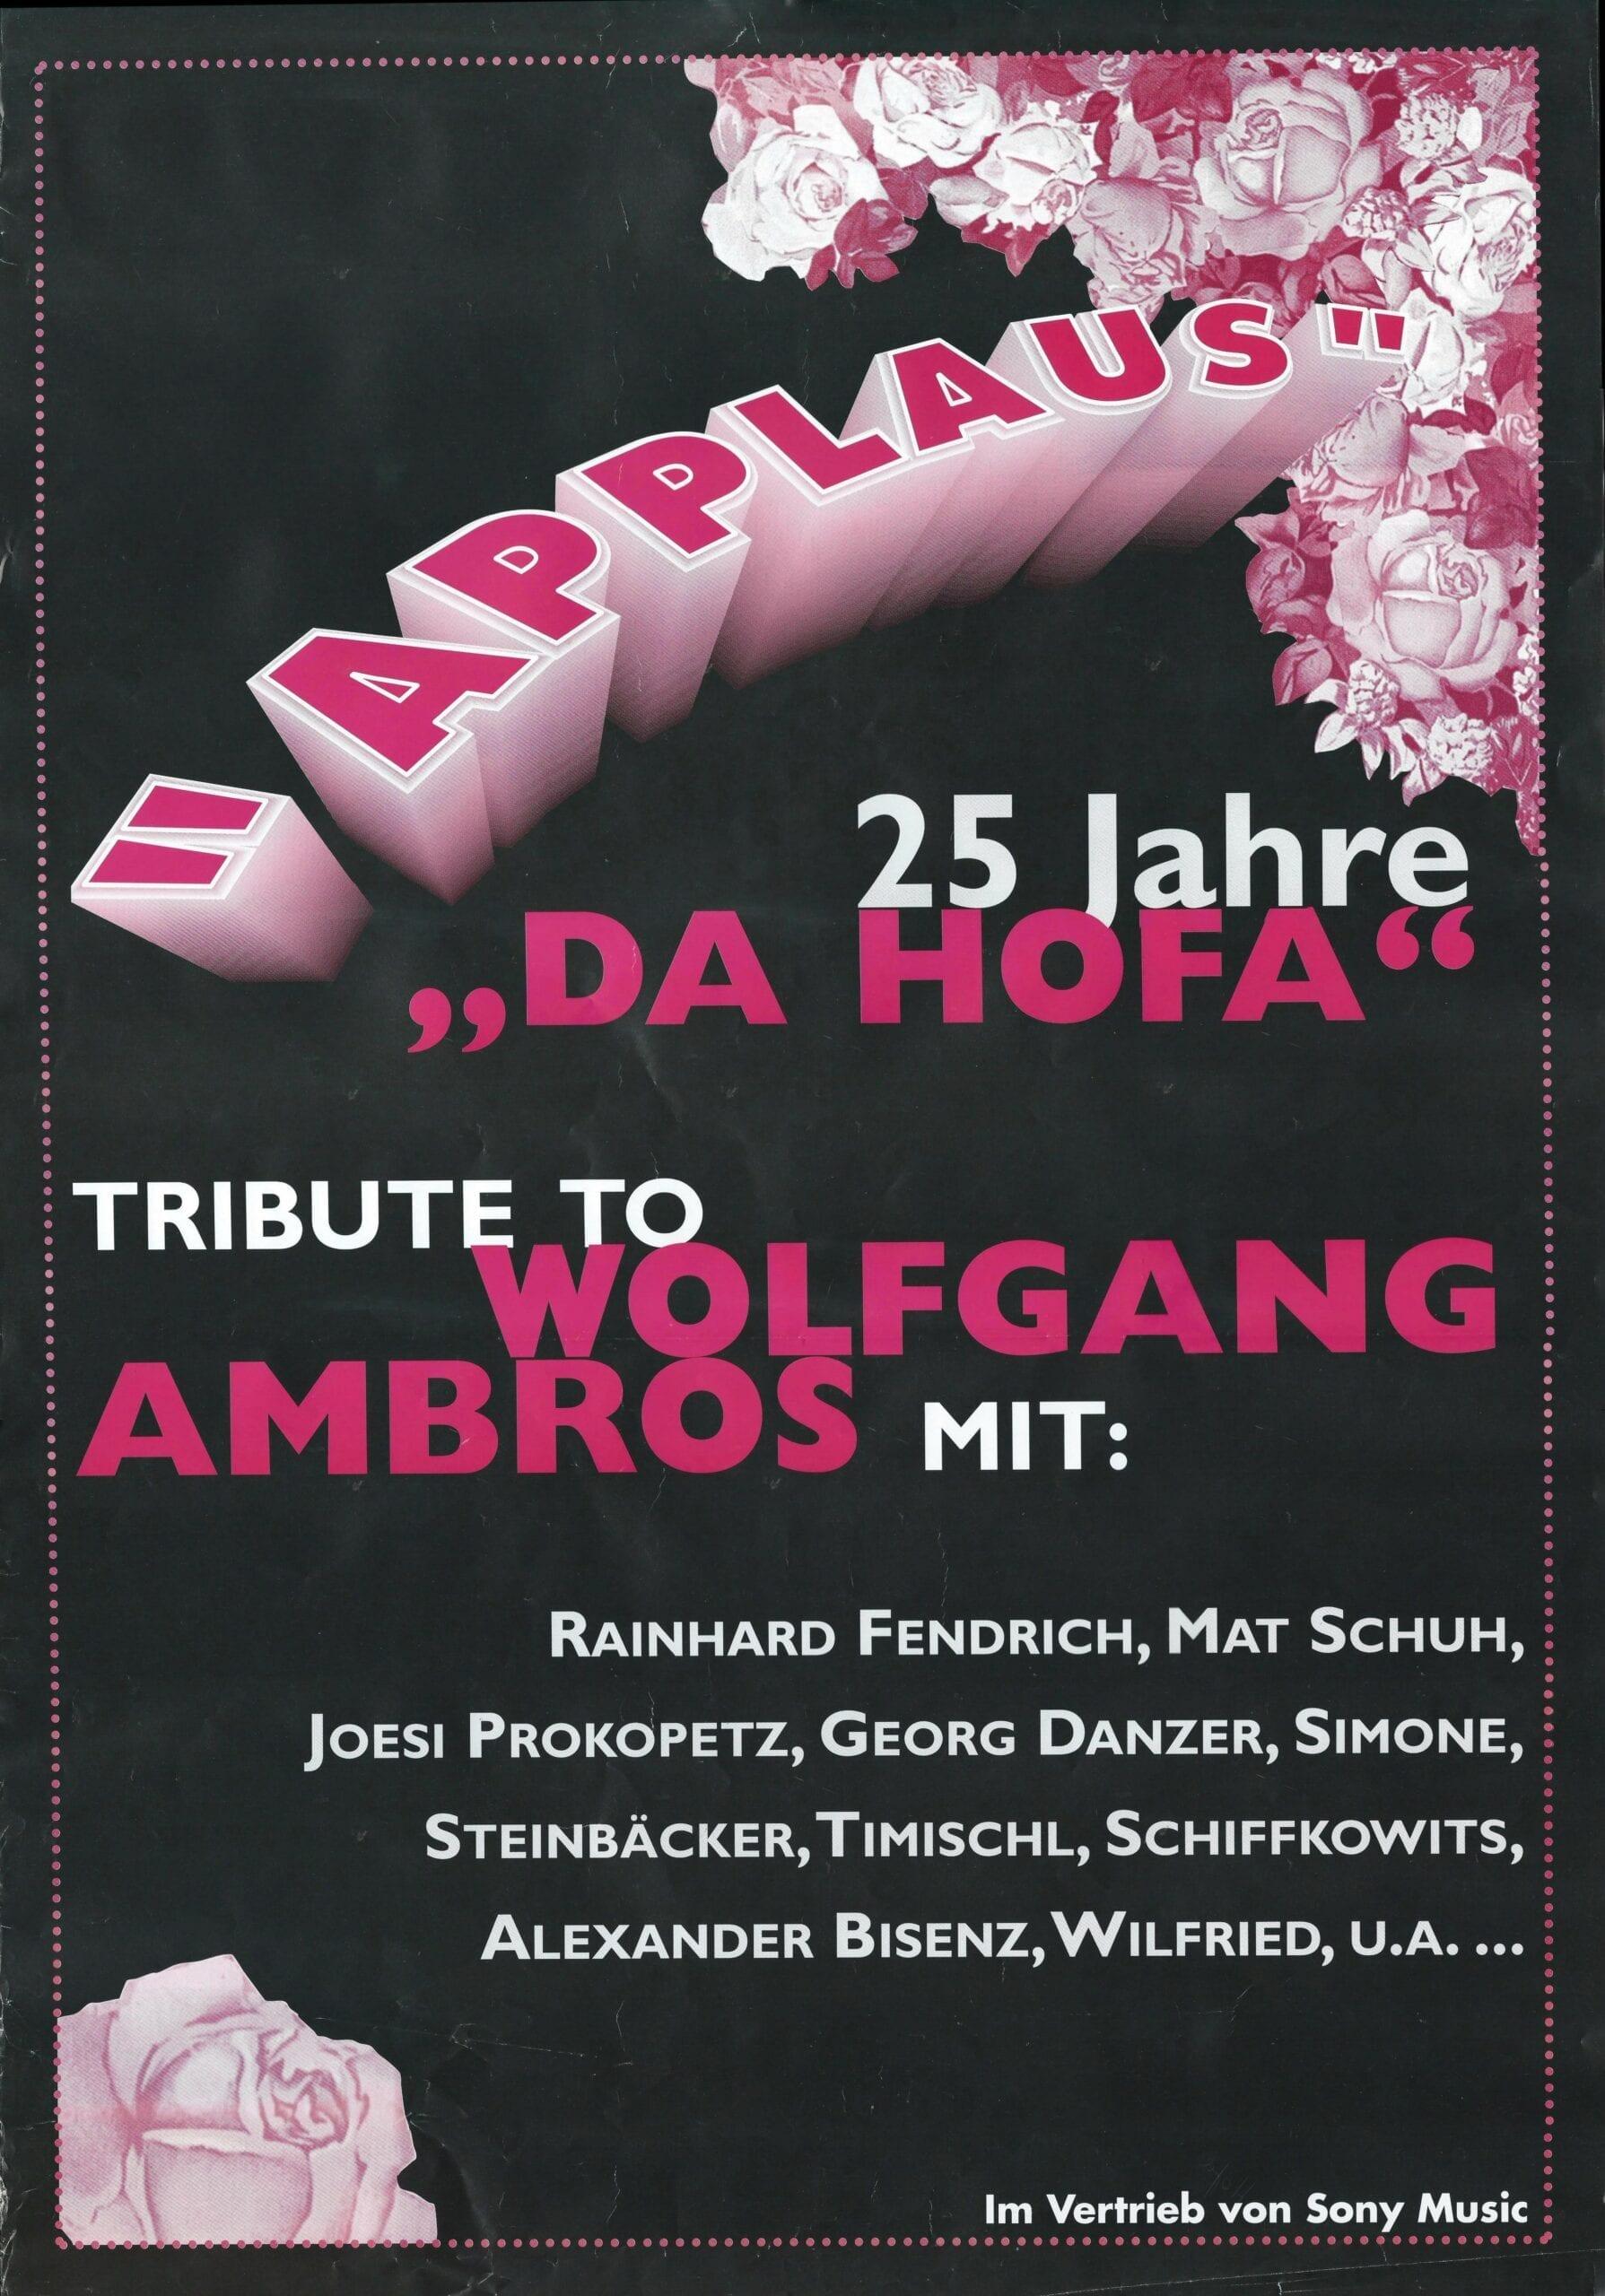 25 Jahre Hofa – 1 (59×84 cm)